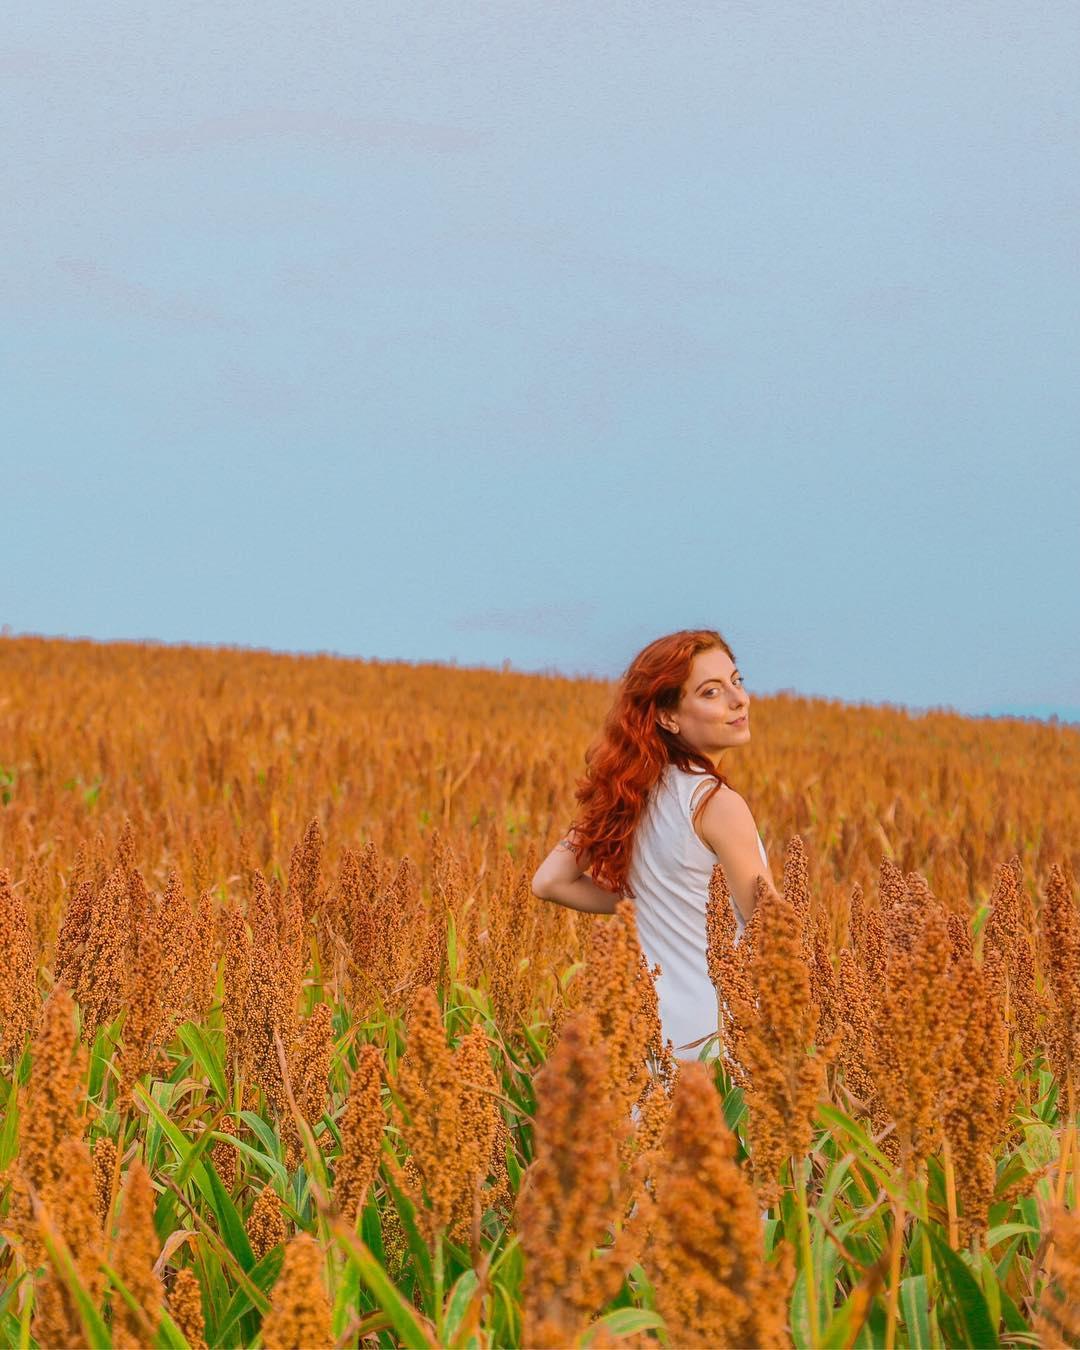 foto con orange e teal sbagliata, come imparare a fotografare